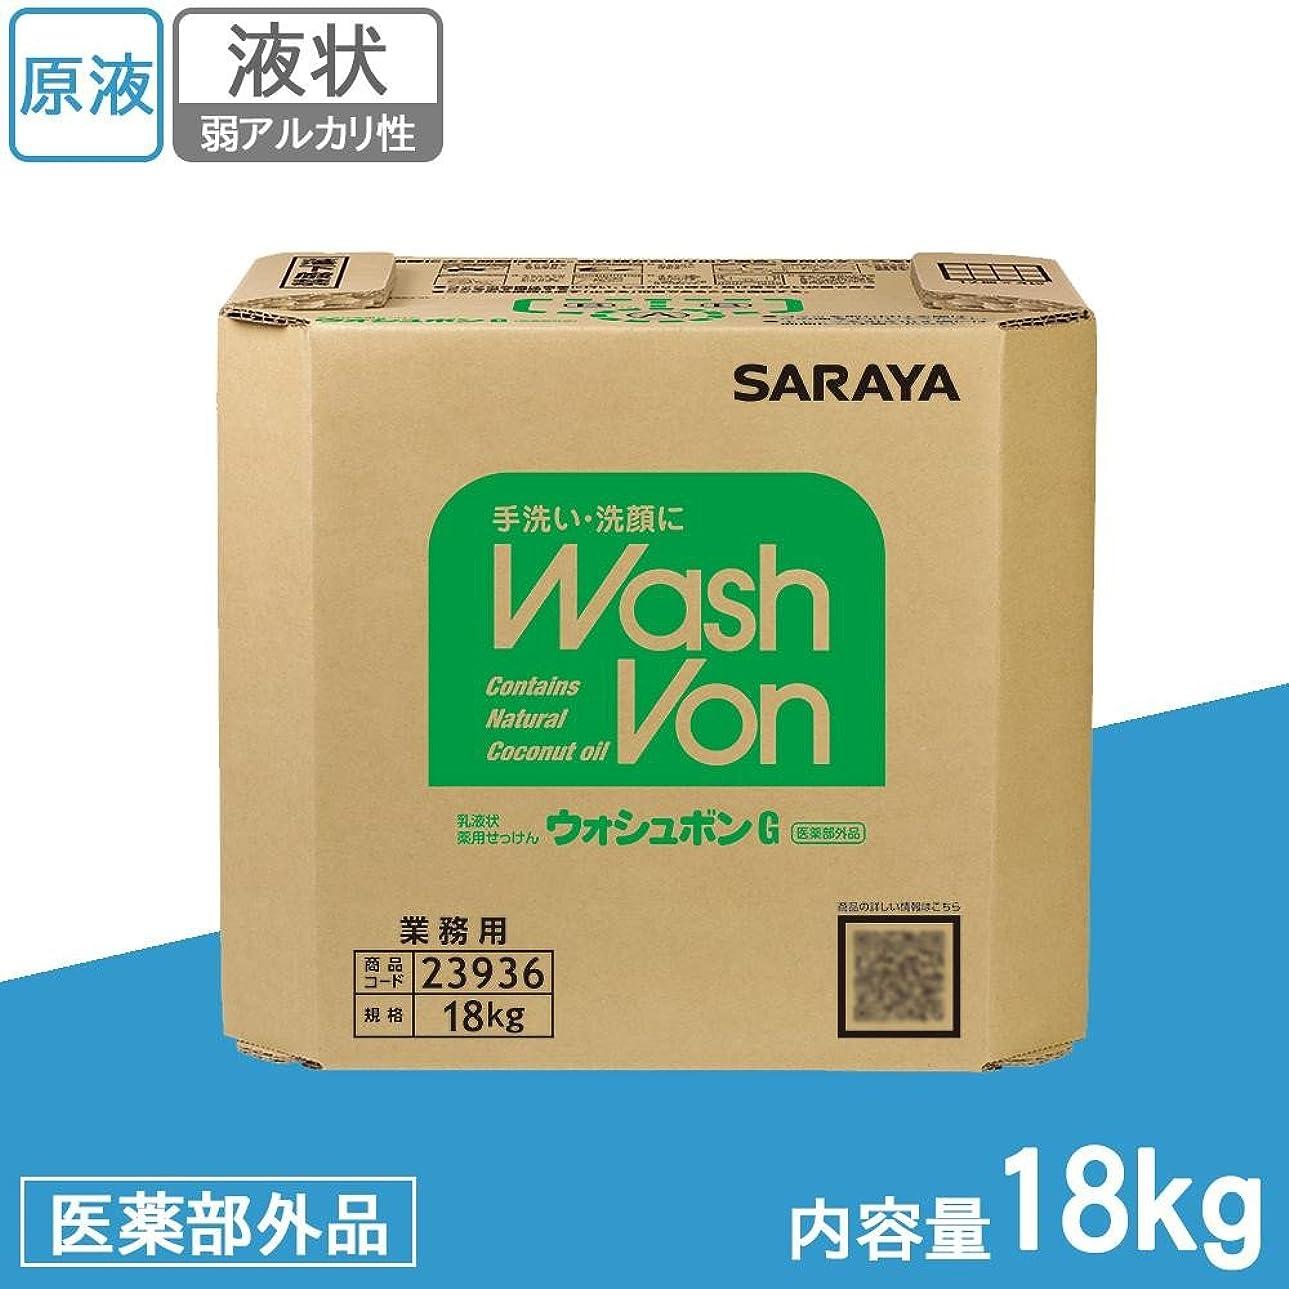 ピアース財政いっぱいサラヤ 業務用 乳液状薬用せっけん ウォシュボンG 18kg BIB 23936 (医薬部外品)